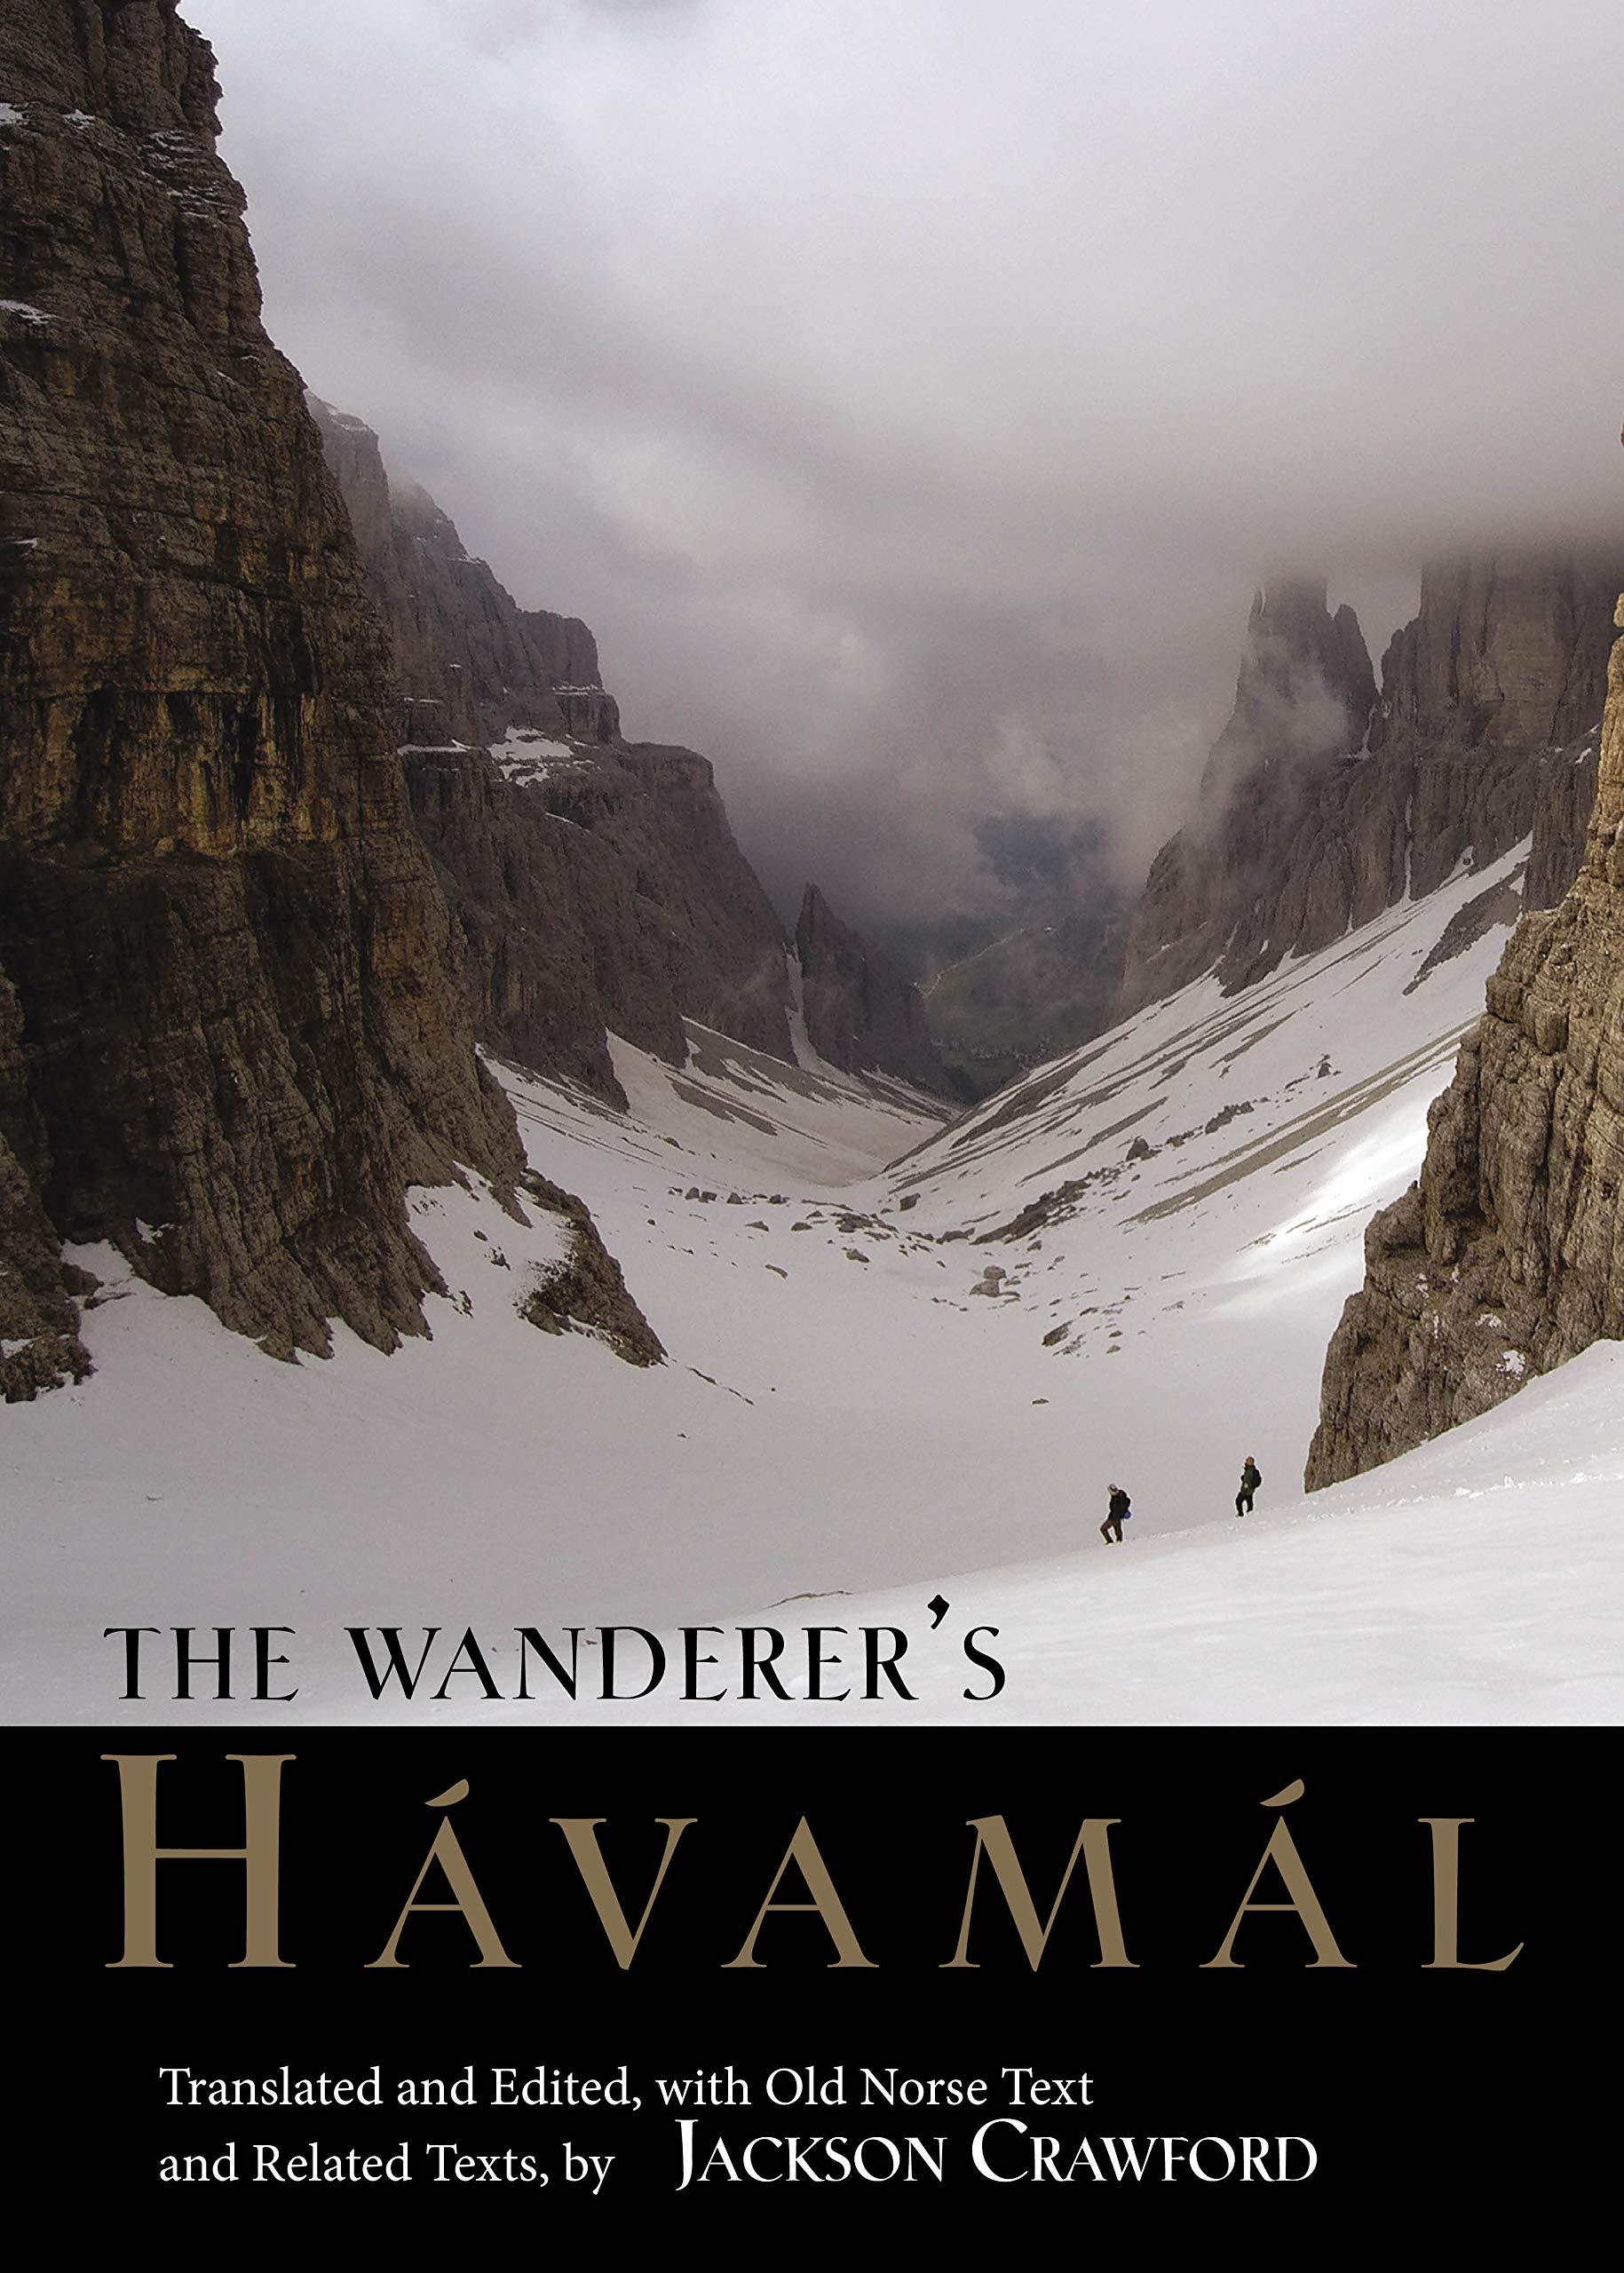 The Wanderer's Havamal by Hackett Publishing Company, Inc.